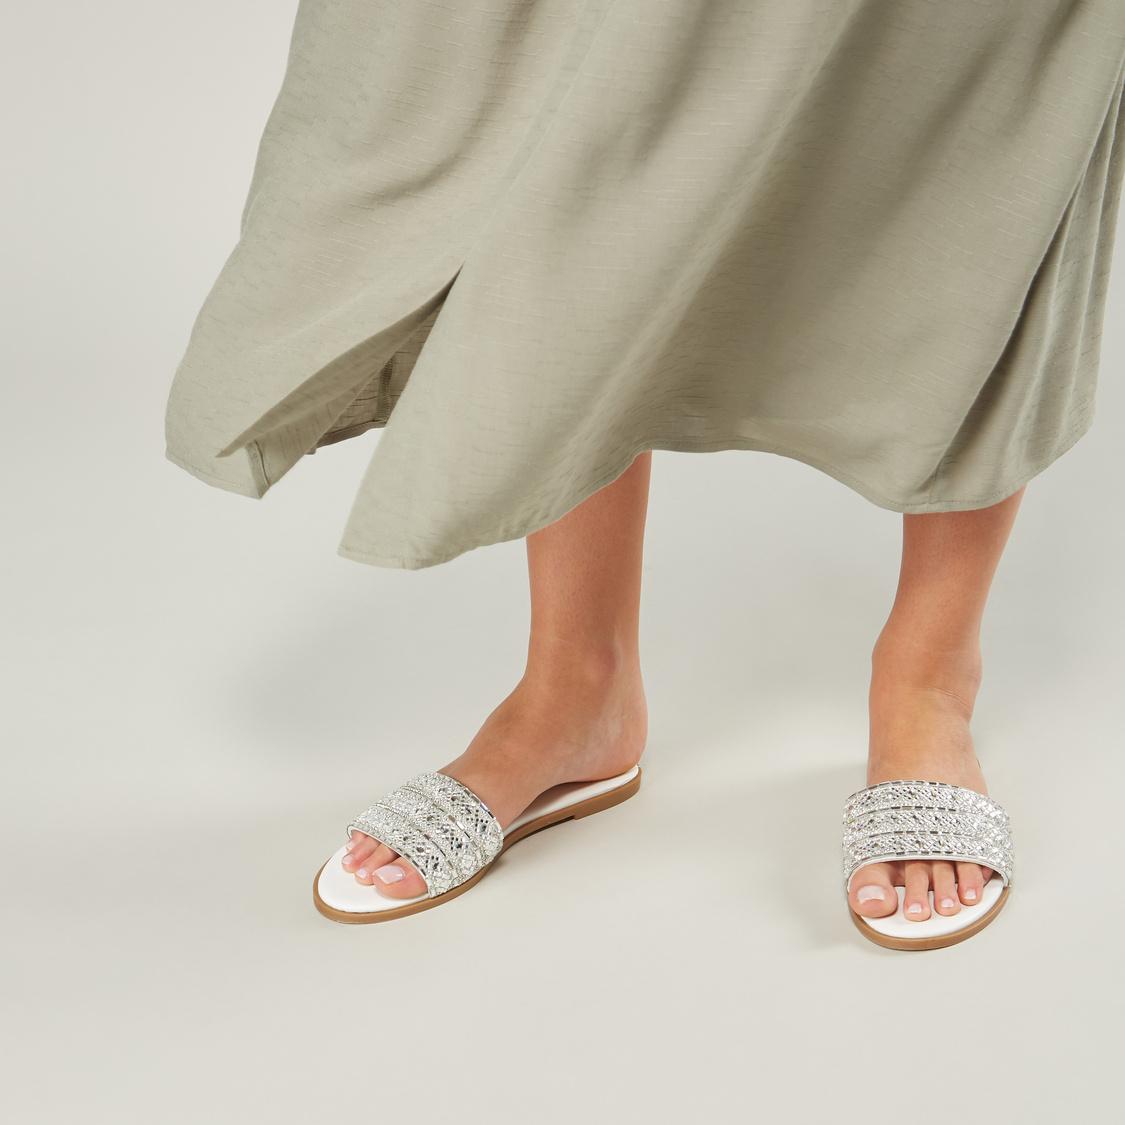 حذاء خفيف مسطّح بأحزمة مزينة